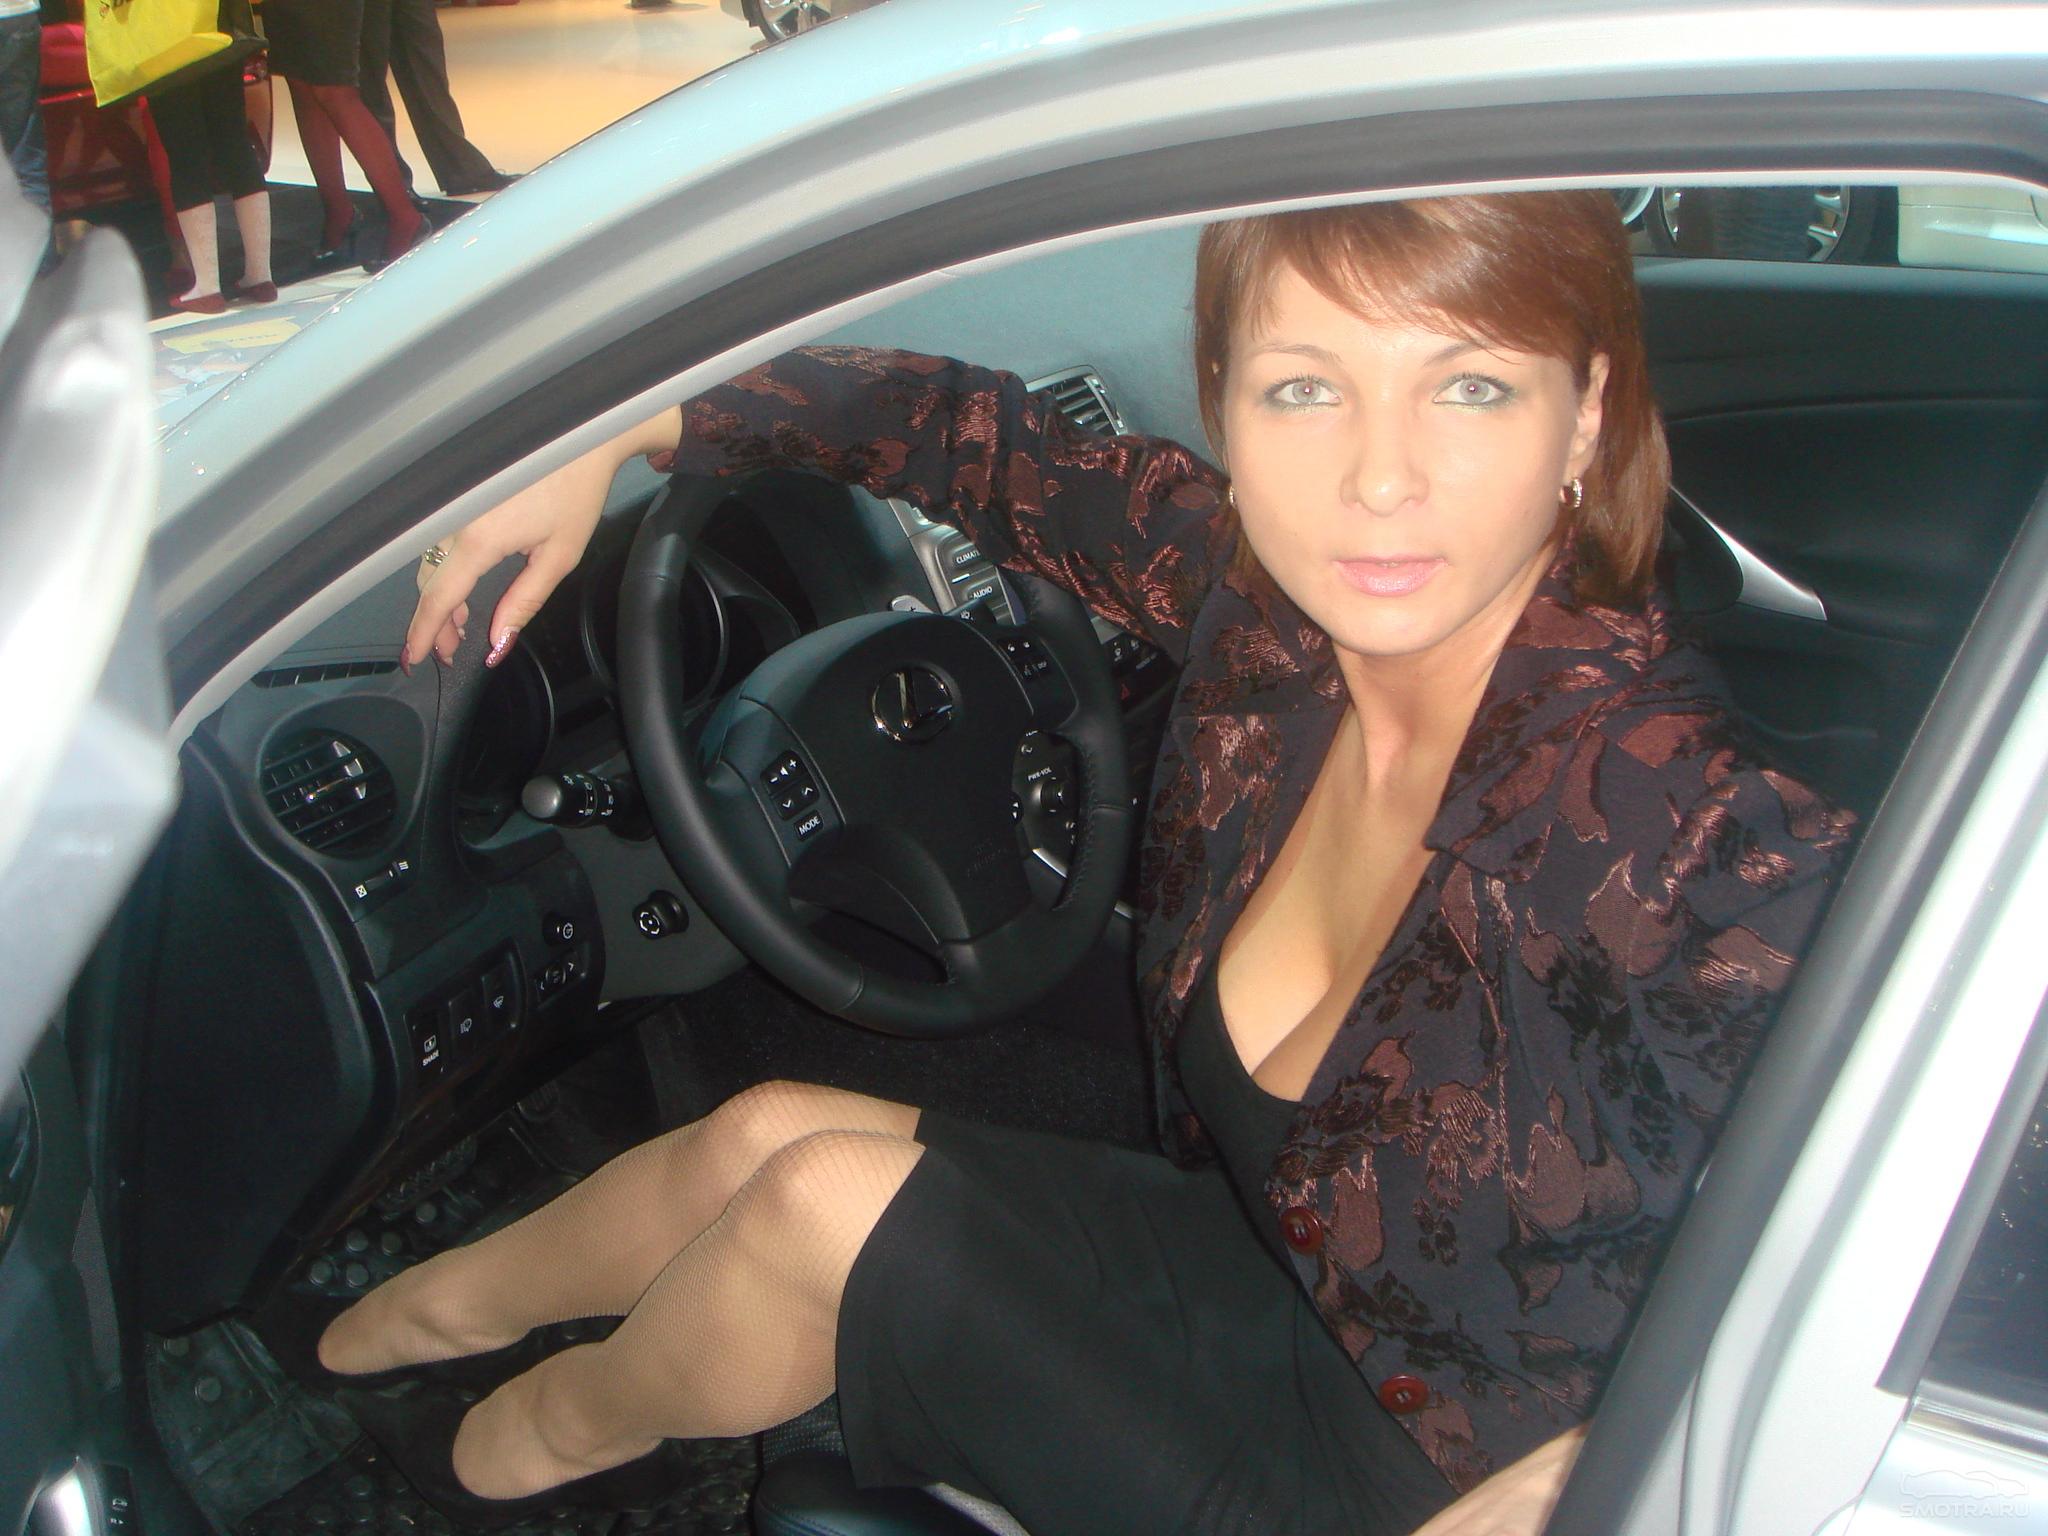 Частные фото женщин 40, Фотографии Мамки заальбомов ВКонтакте 5 фотография